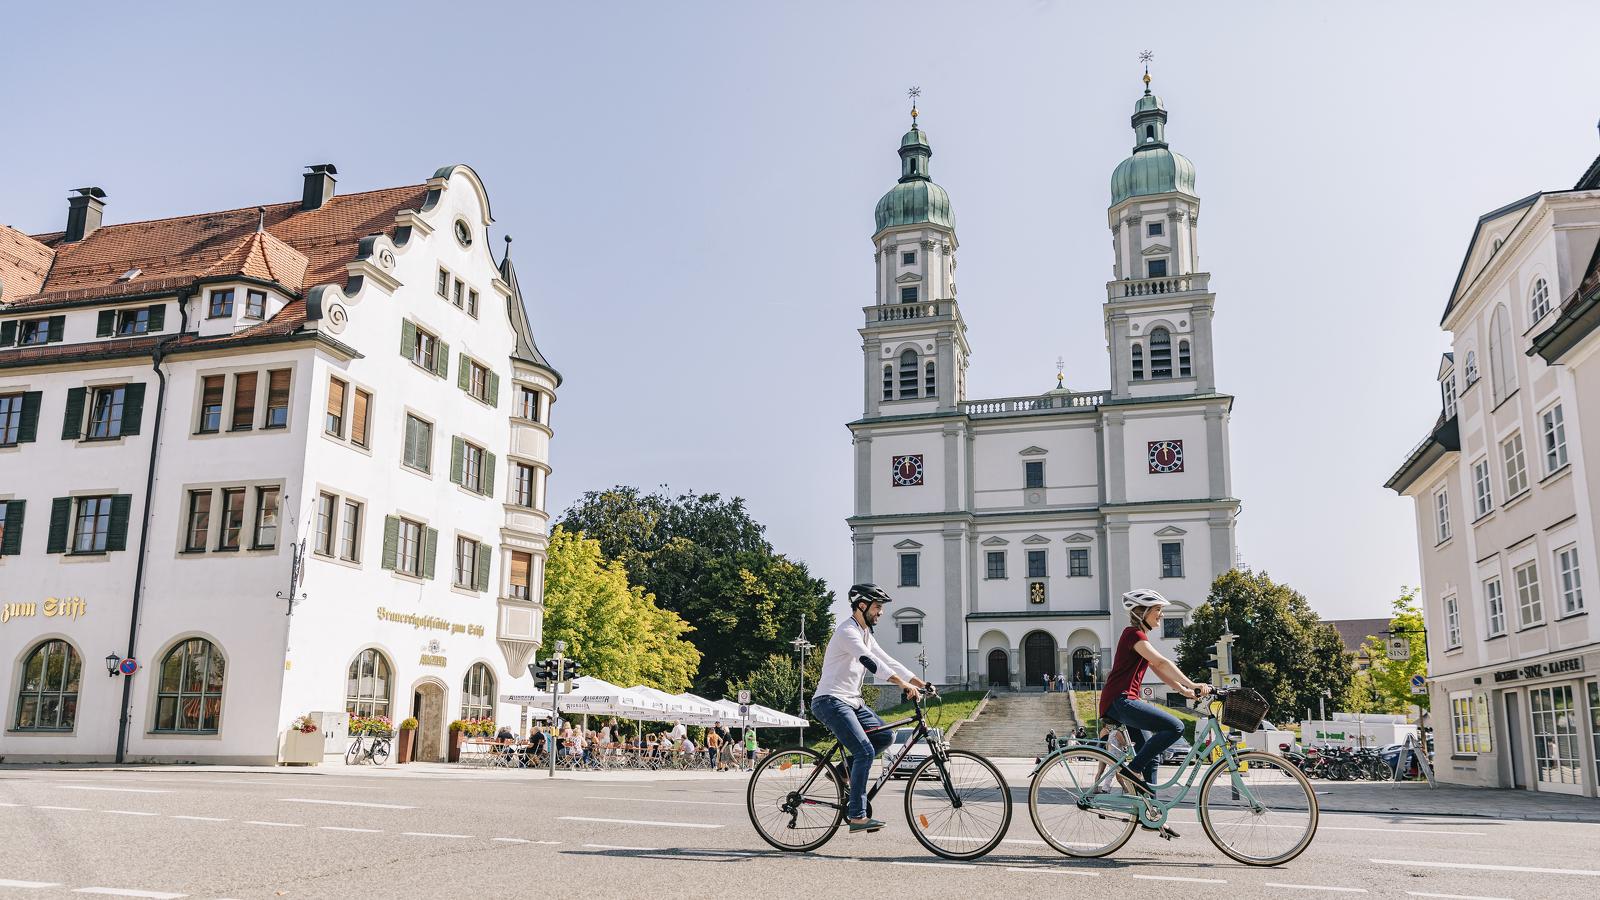 Der Stiftsplatz gehört zu den Lieblings-Plätzen in Kempten